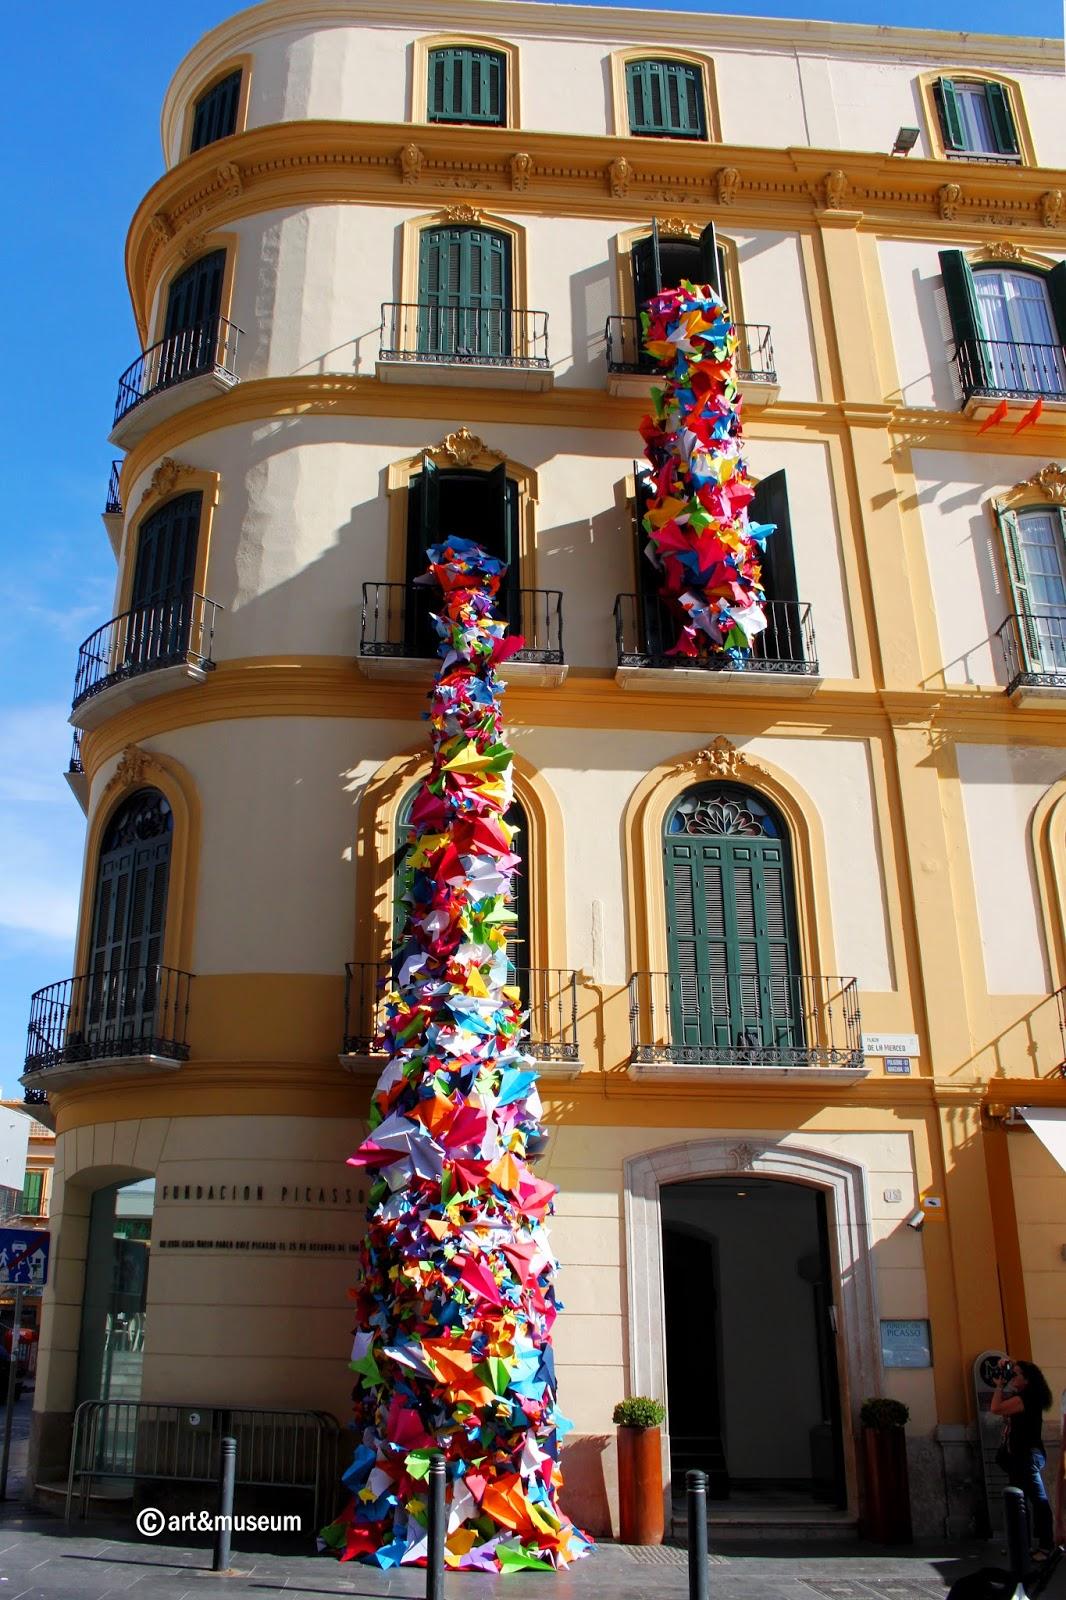 Instalación artística efímera en la fachada de la Casa Natal conmemoran el cumpleaños de Picasso en Málaga